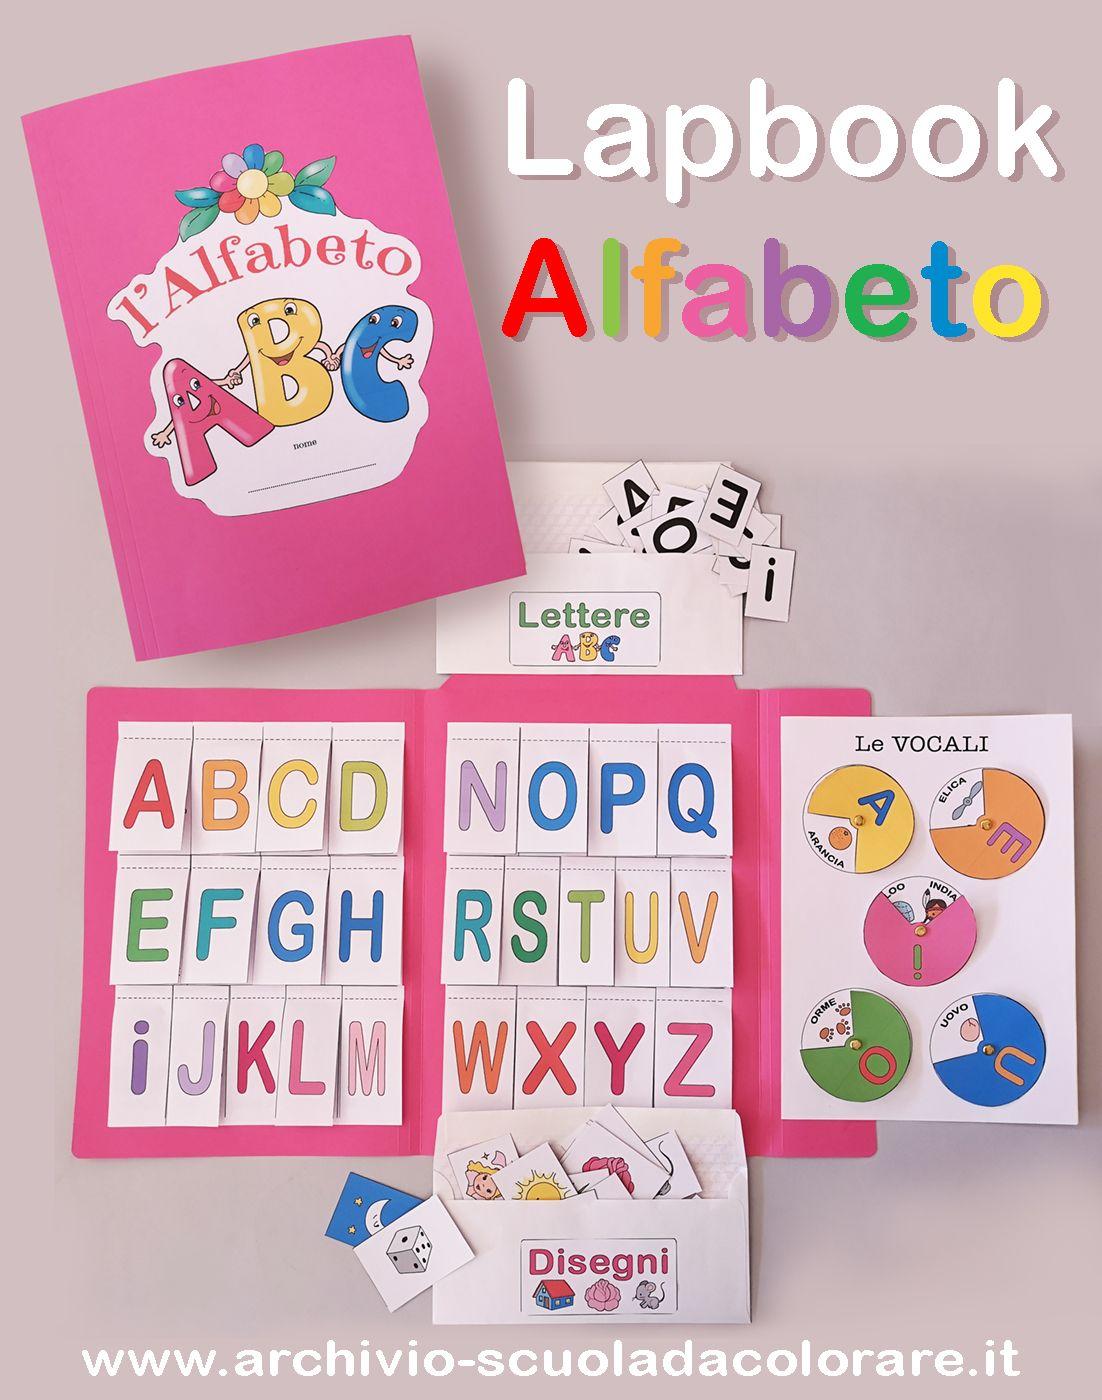 Lapbook Alfabeto Lapbook Bambini Della Scuola Attivita Con Alfabeto